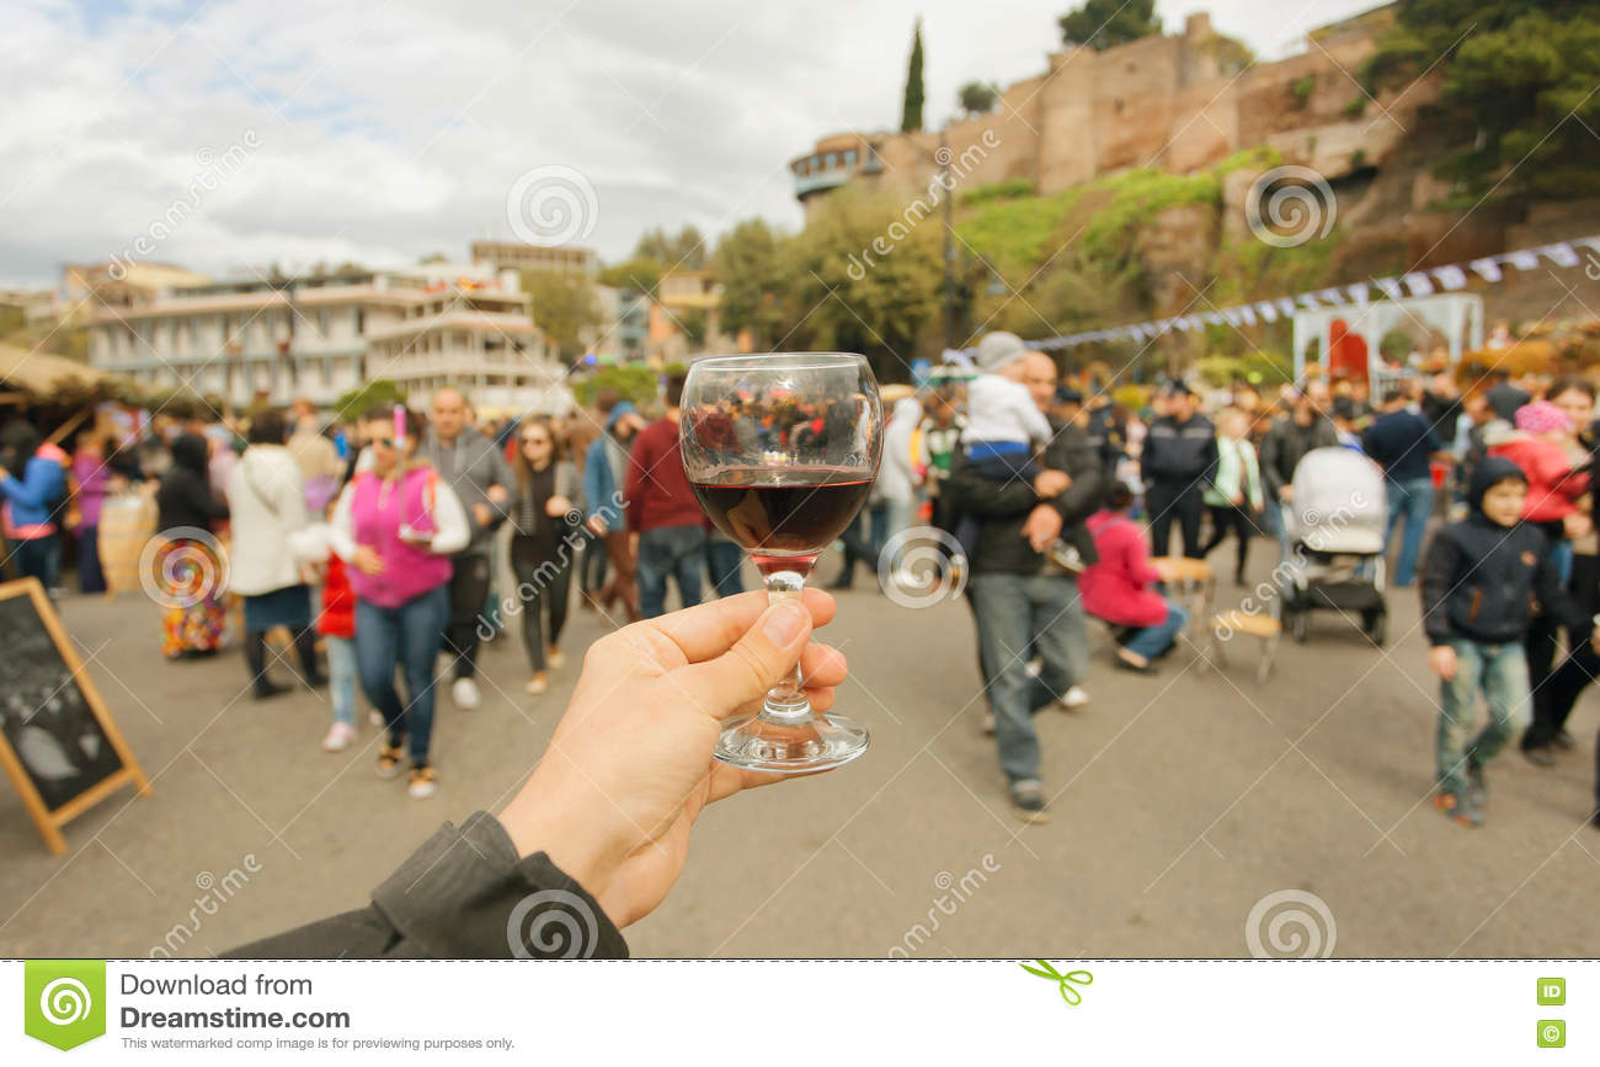 Viele Leute mit gehenden Familien Feierden straßen mit Wein während des Festivals Tbilisoba Land Tifliss, Georgia